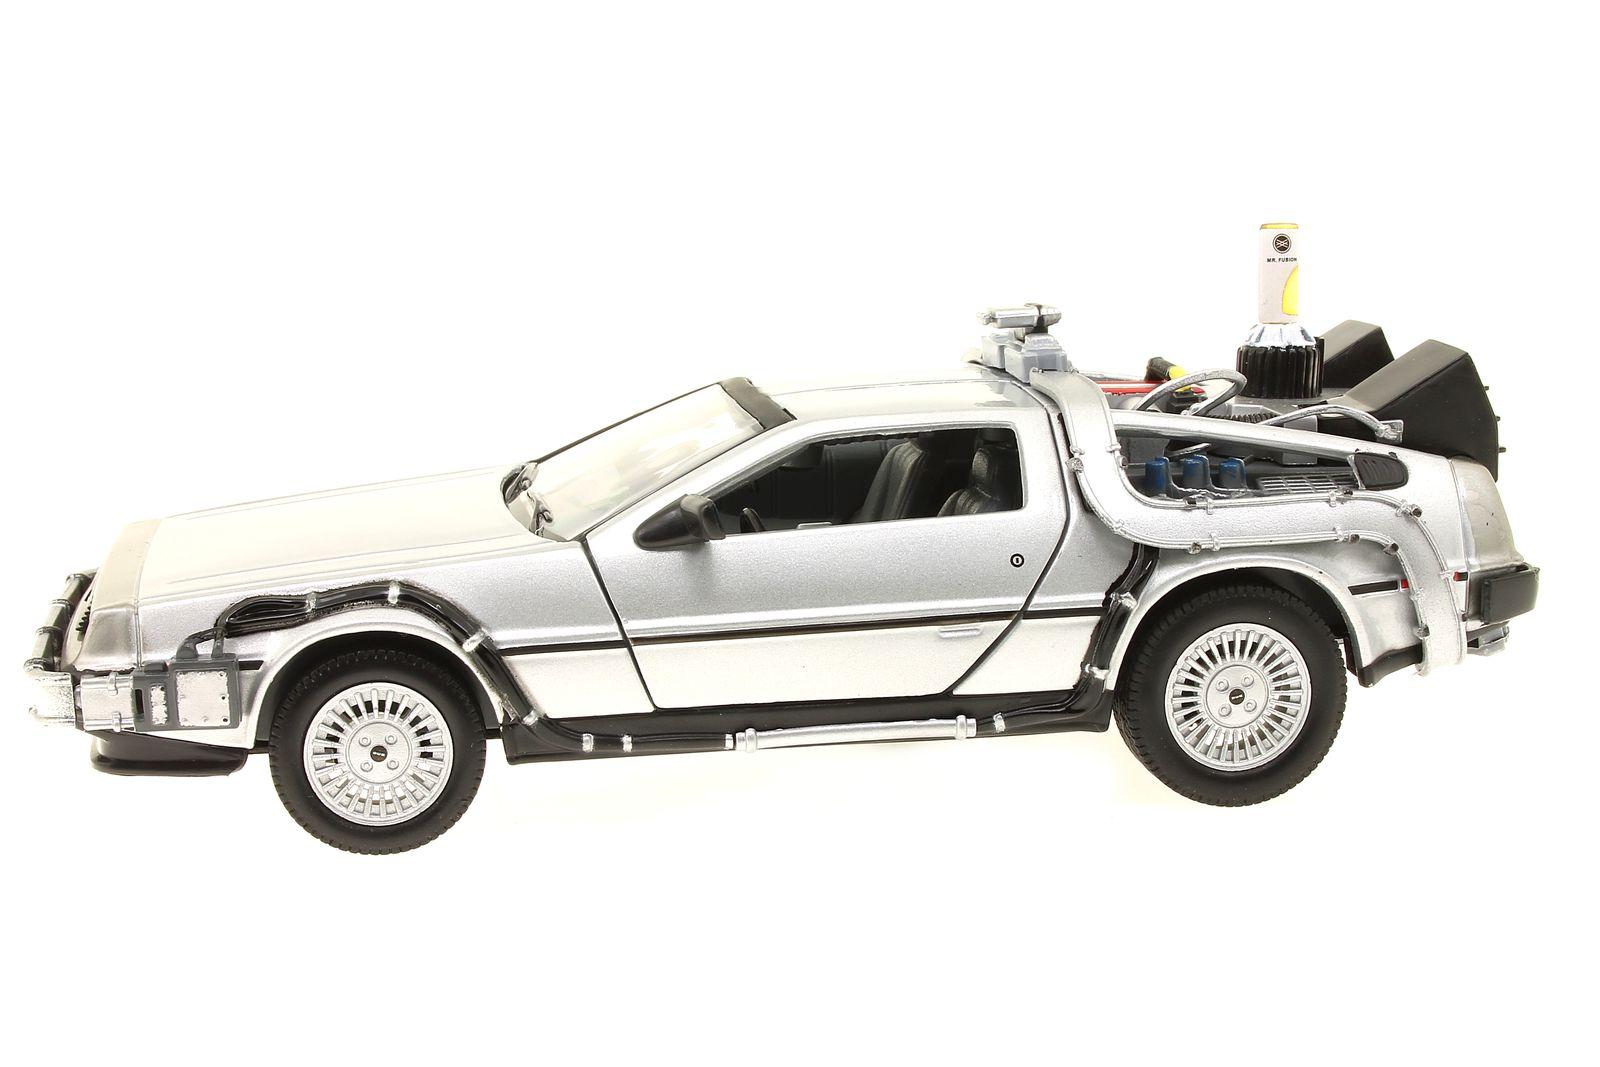 Metall Modellauto Delorean Zurück in die Zukunft Back To Future Auto Dekoration Blechspielzeug